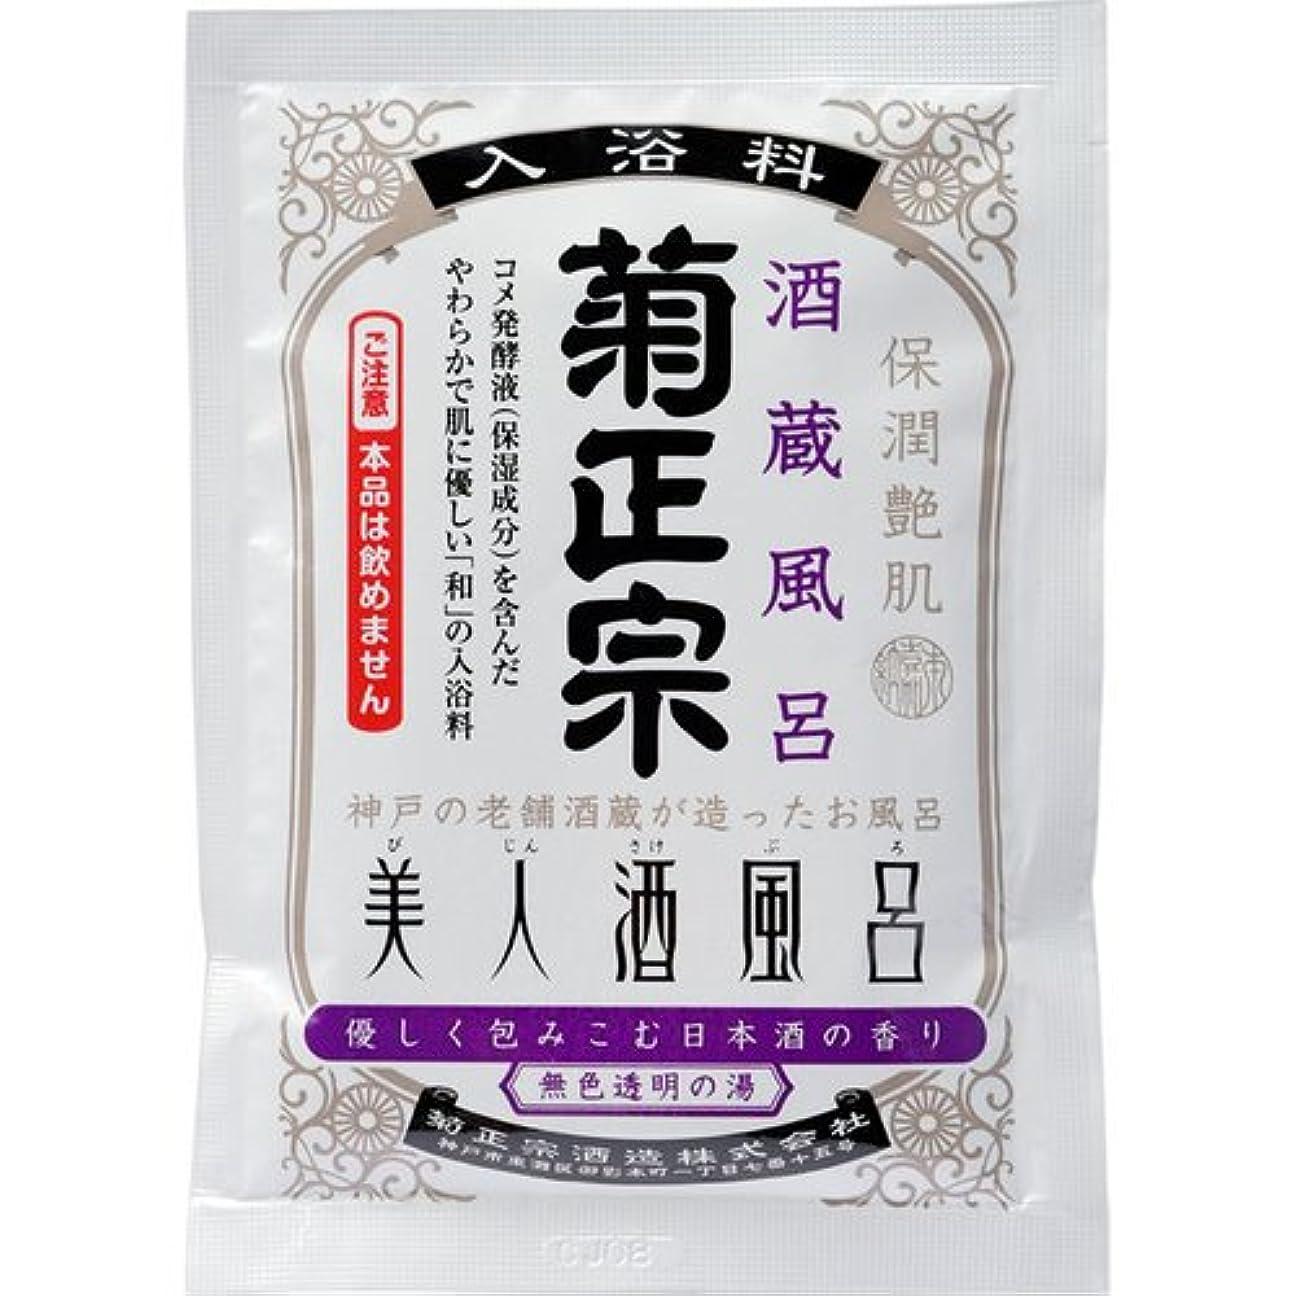 ゴージャス発明するリンク美人酒風呂 酒蔵風呂 優しく包みこむ日本酒の香り 60mL